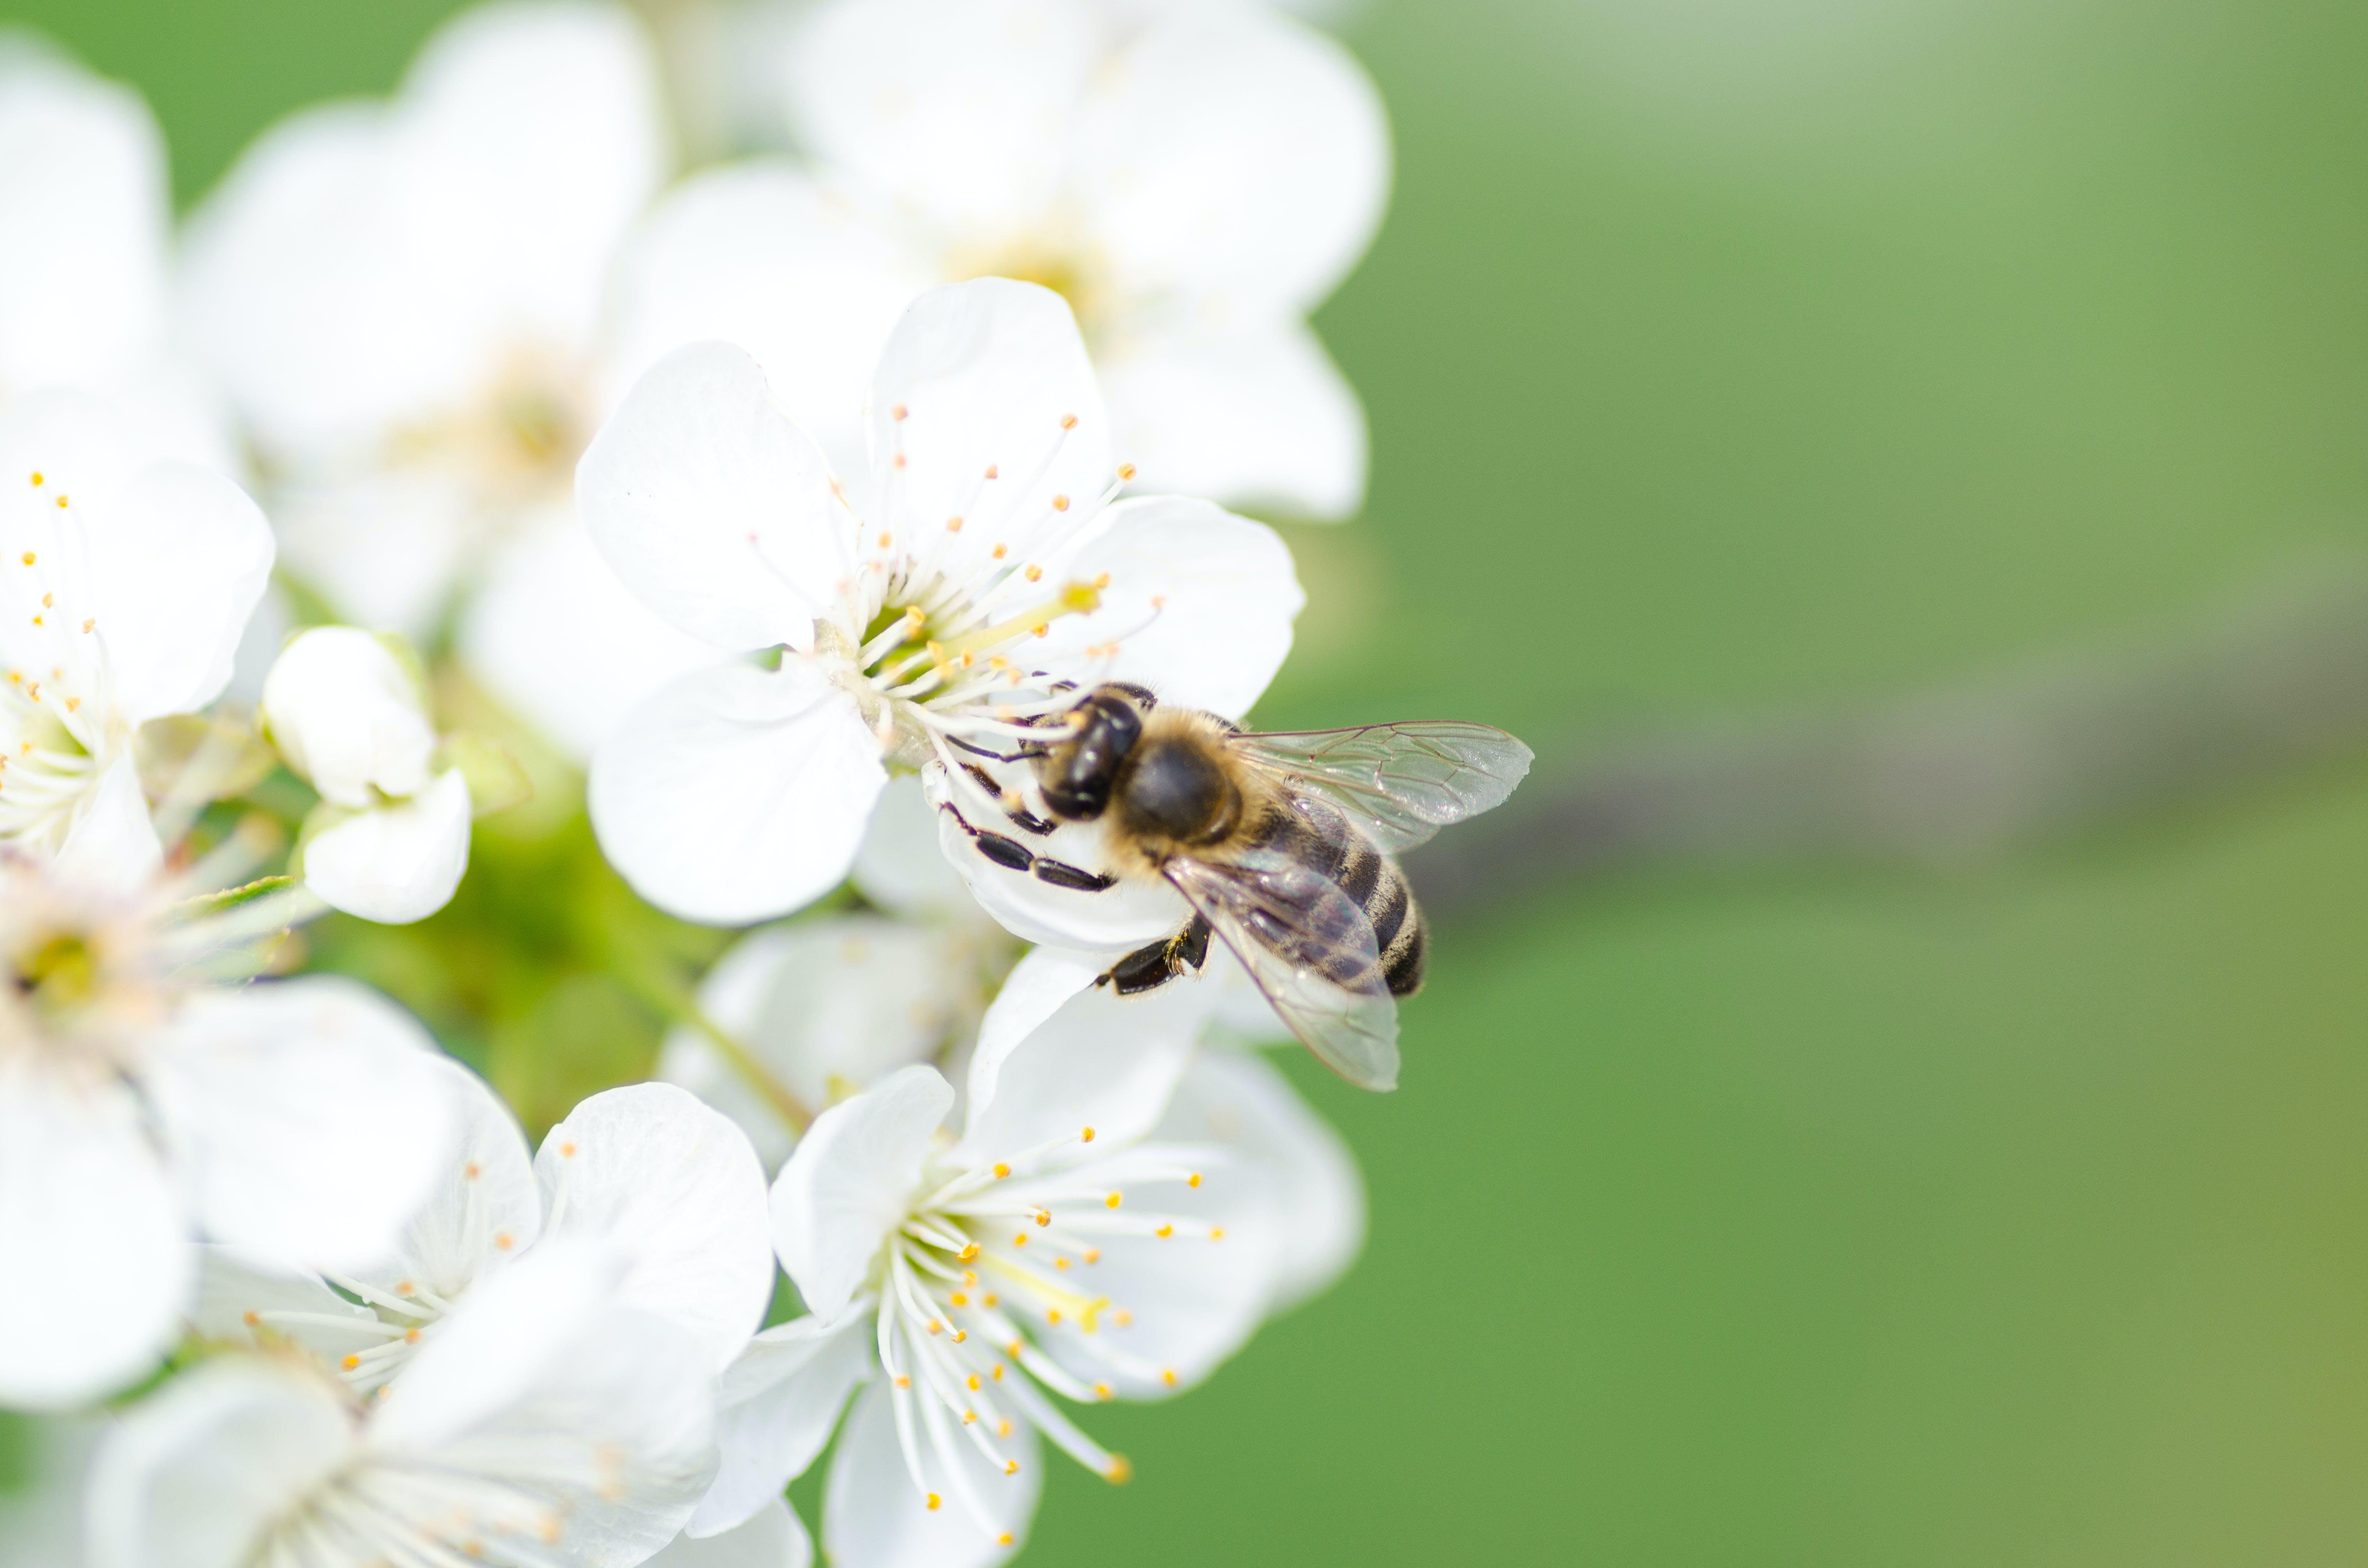 Black Bee on White Flower